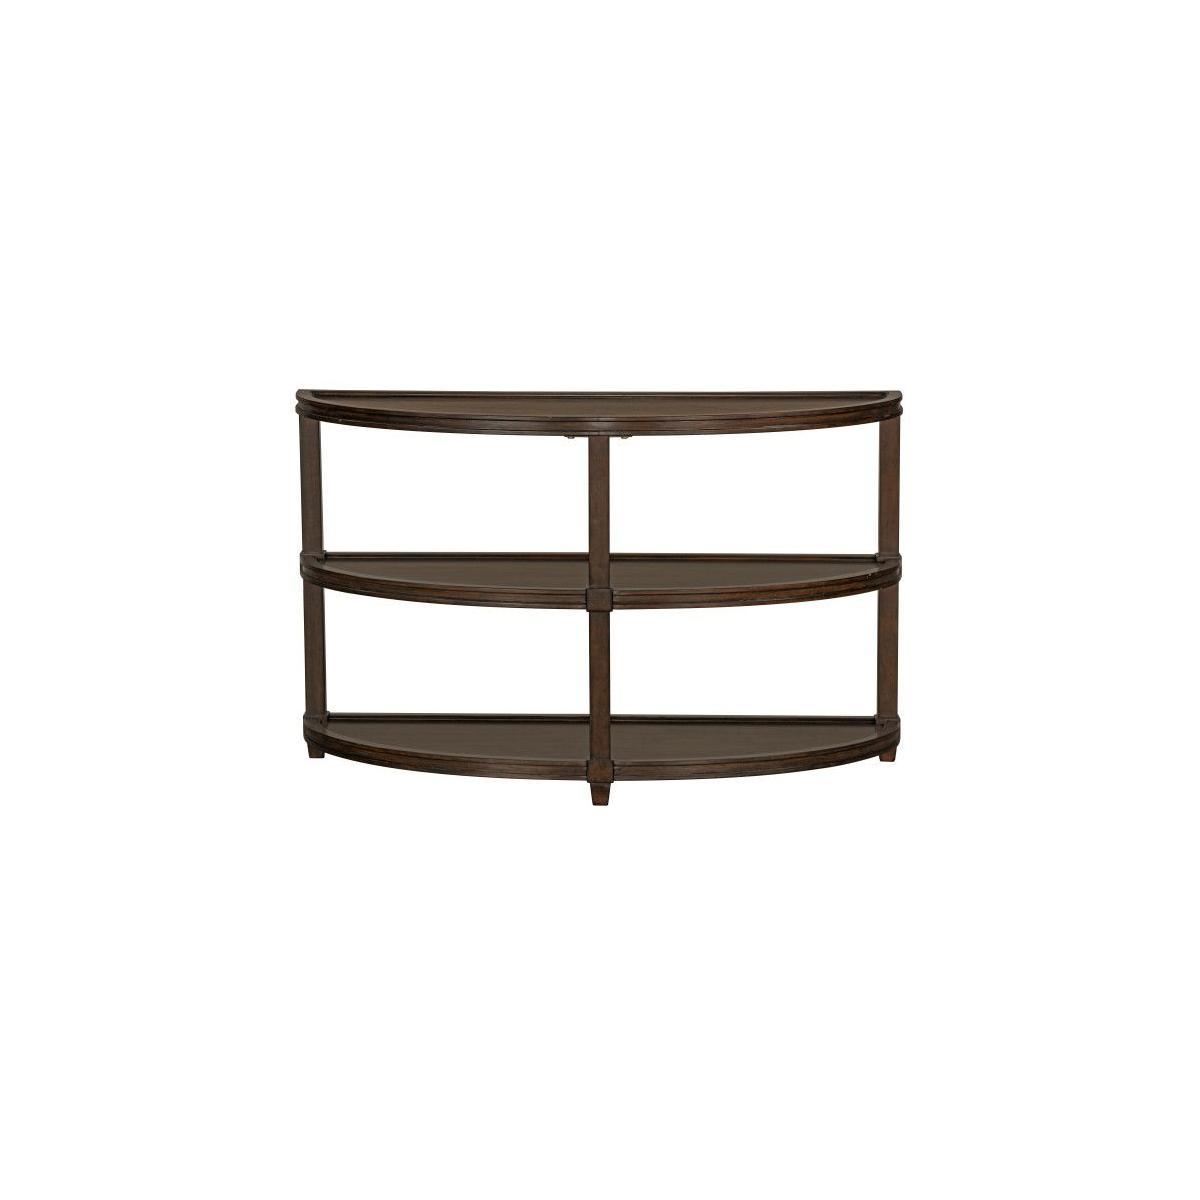 Bryant Sofa Table, Honey Brown